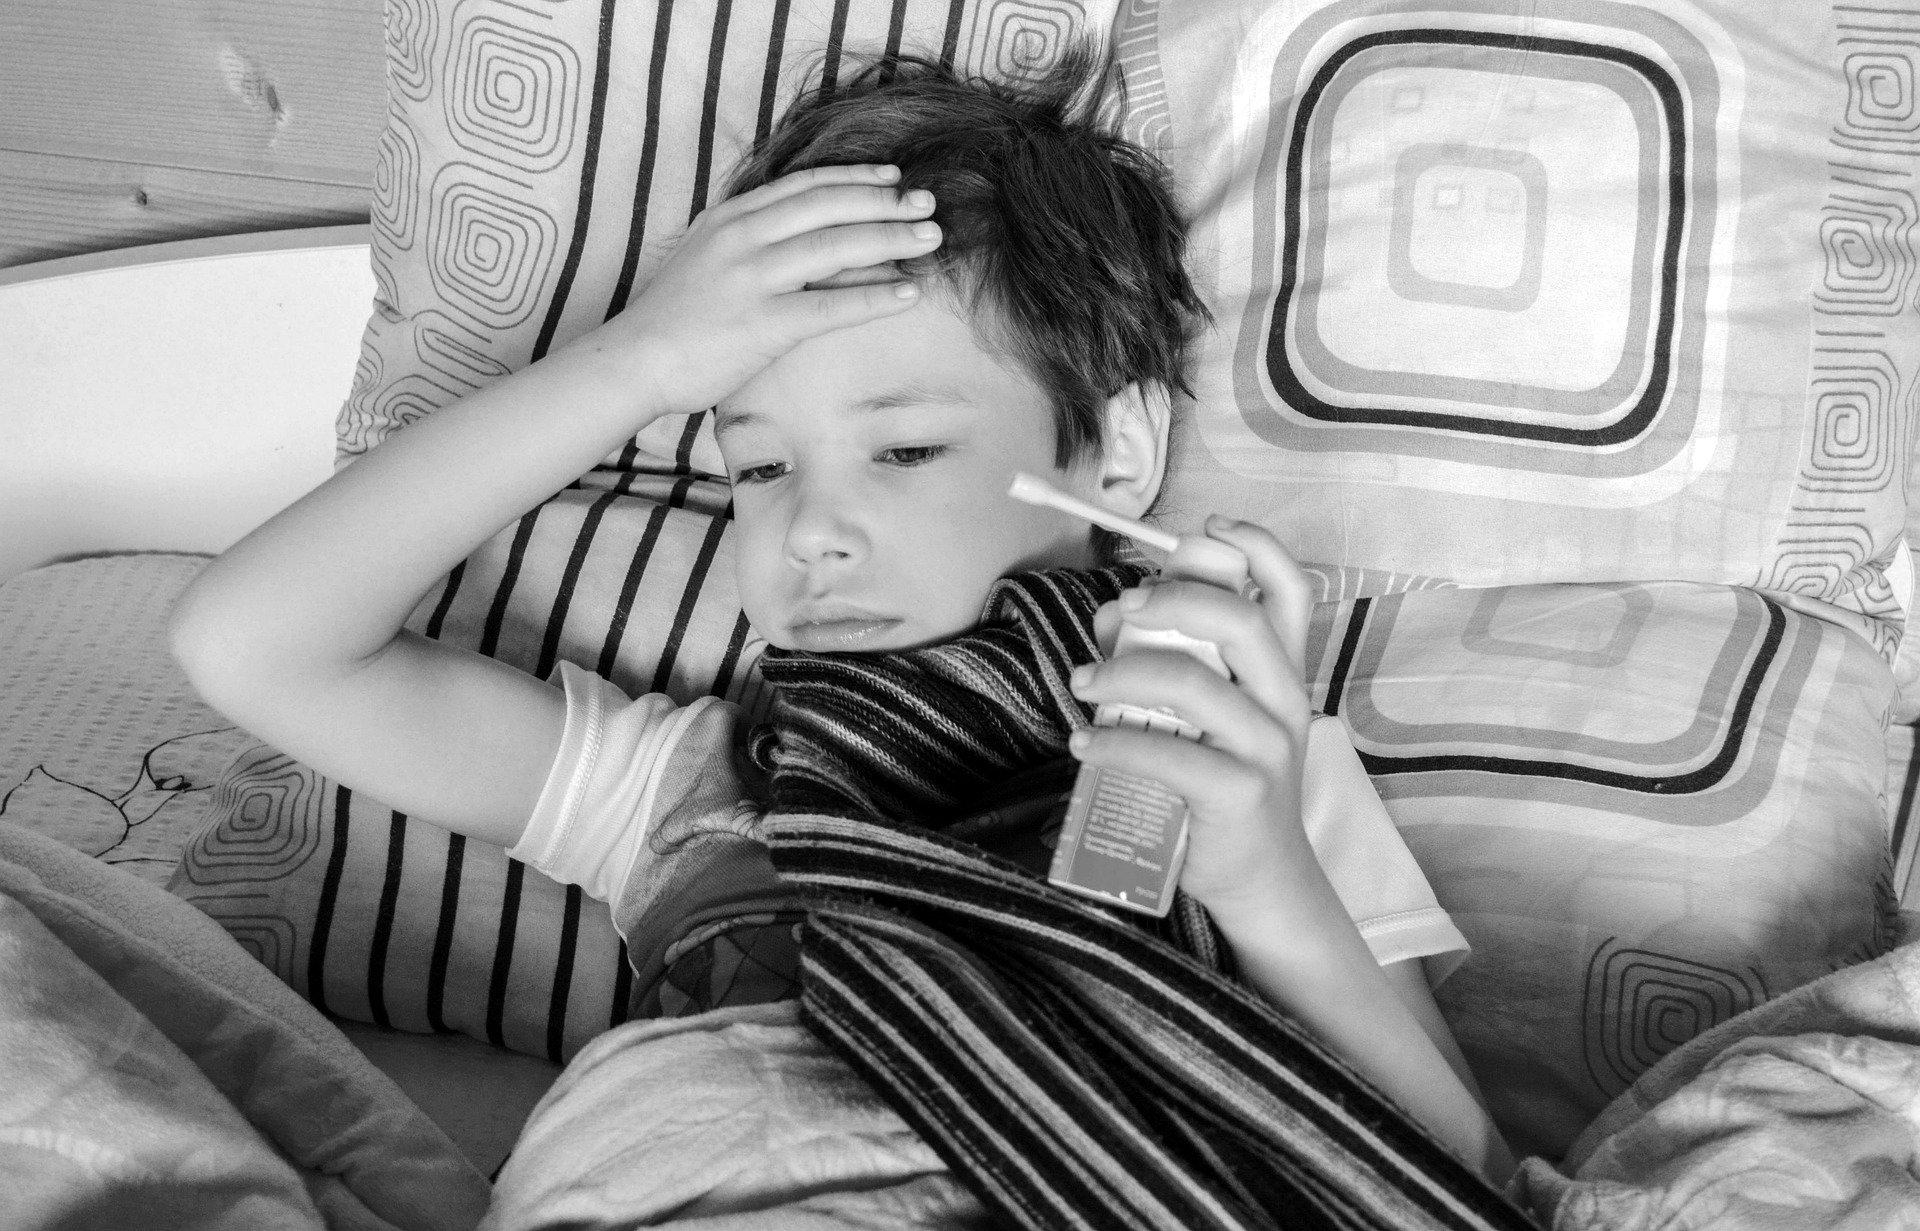 Kind krank